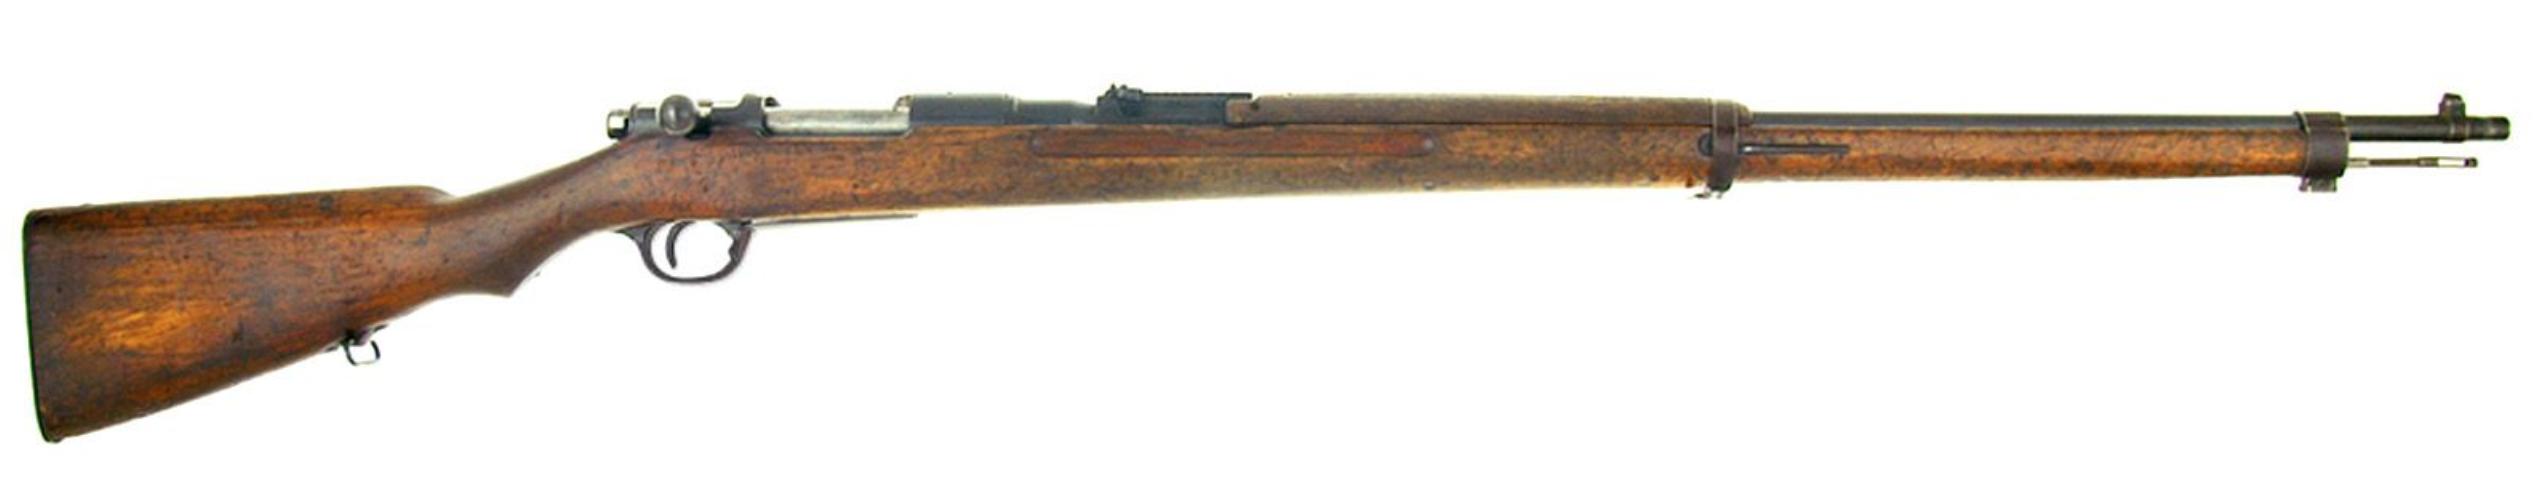 Type 30 Arisaka